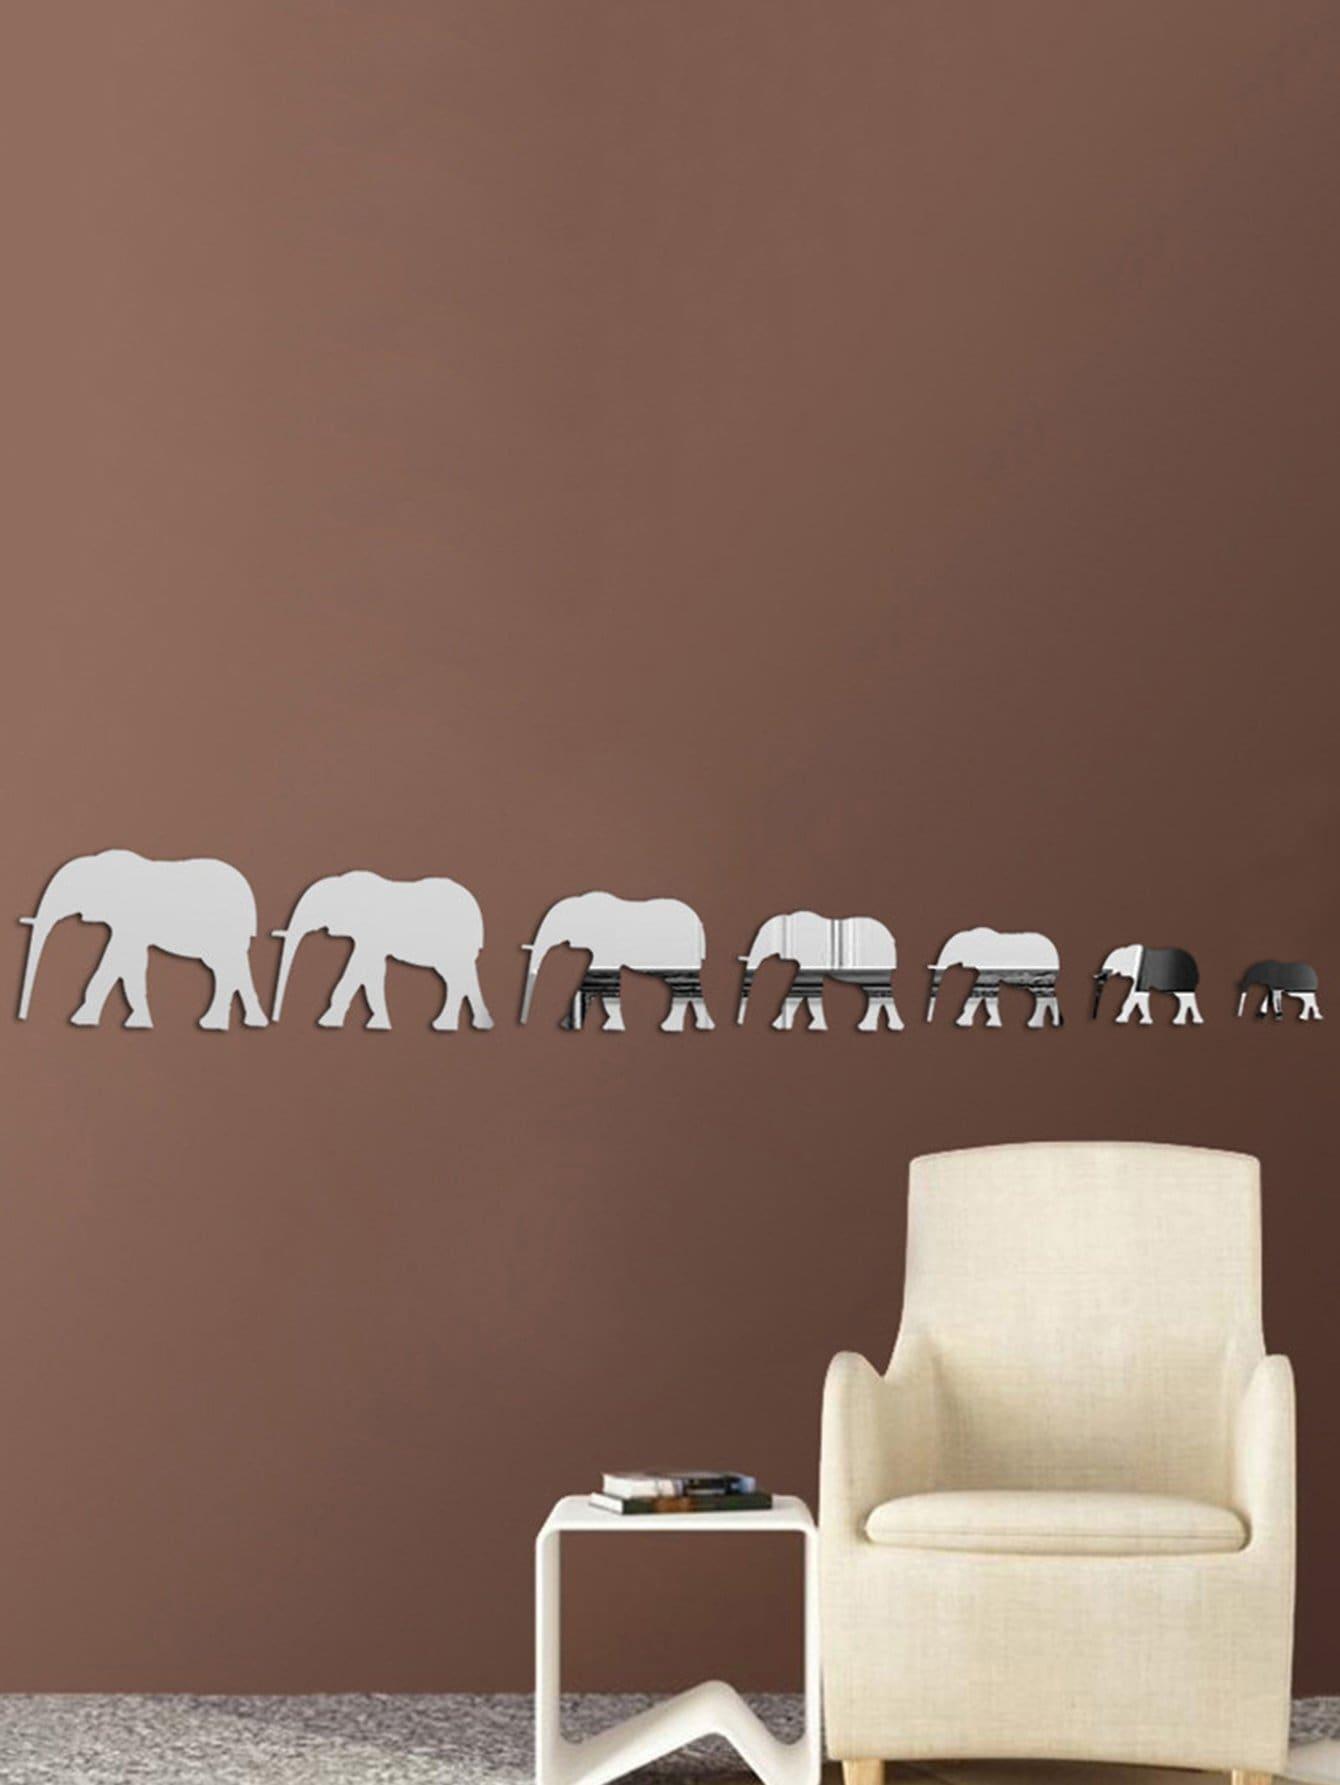 Купить Слон зеркало стены стикер, null, SheIn